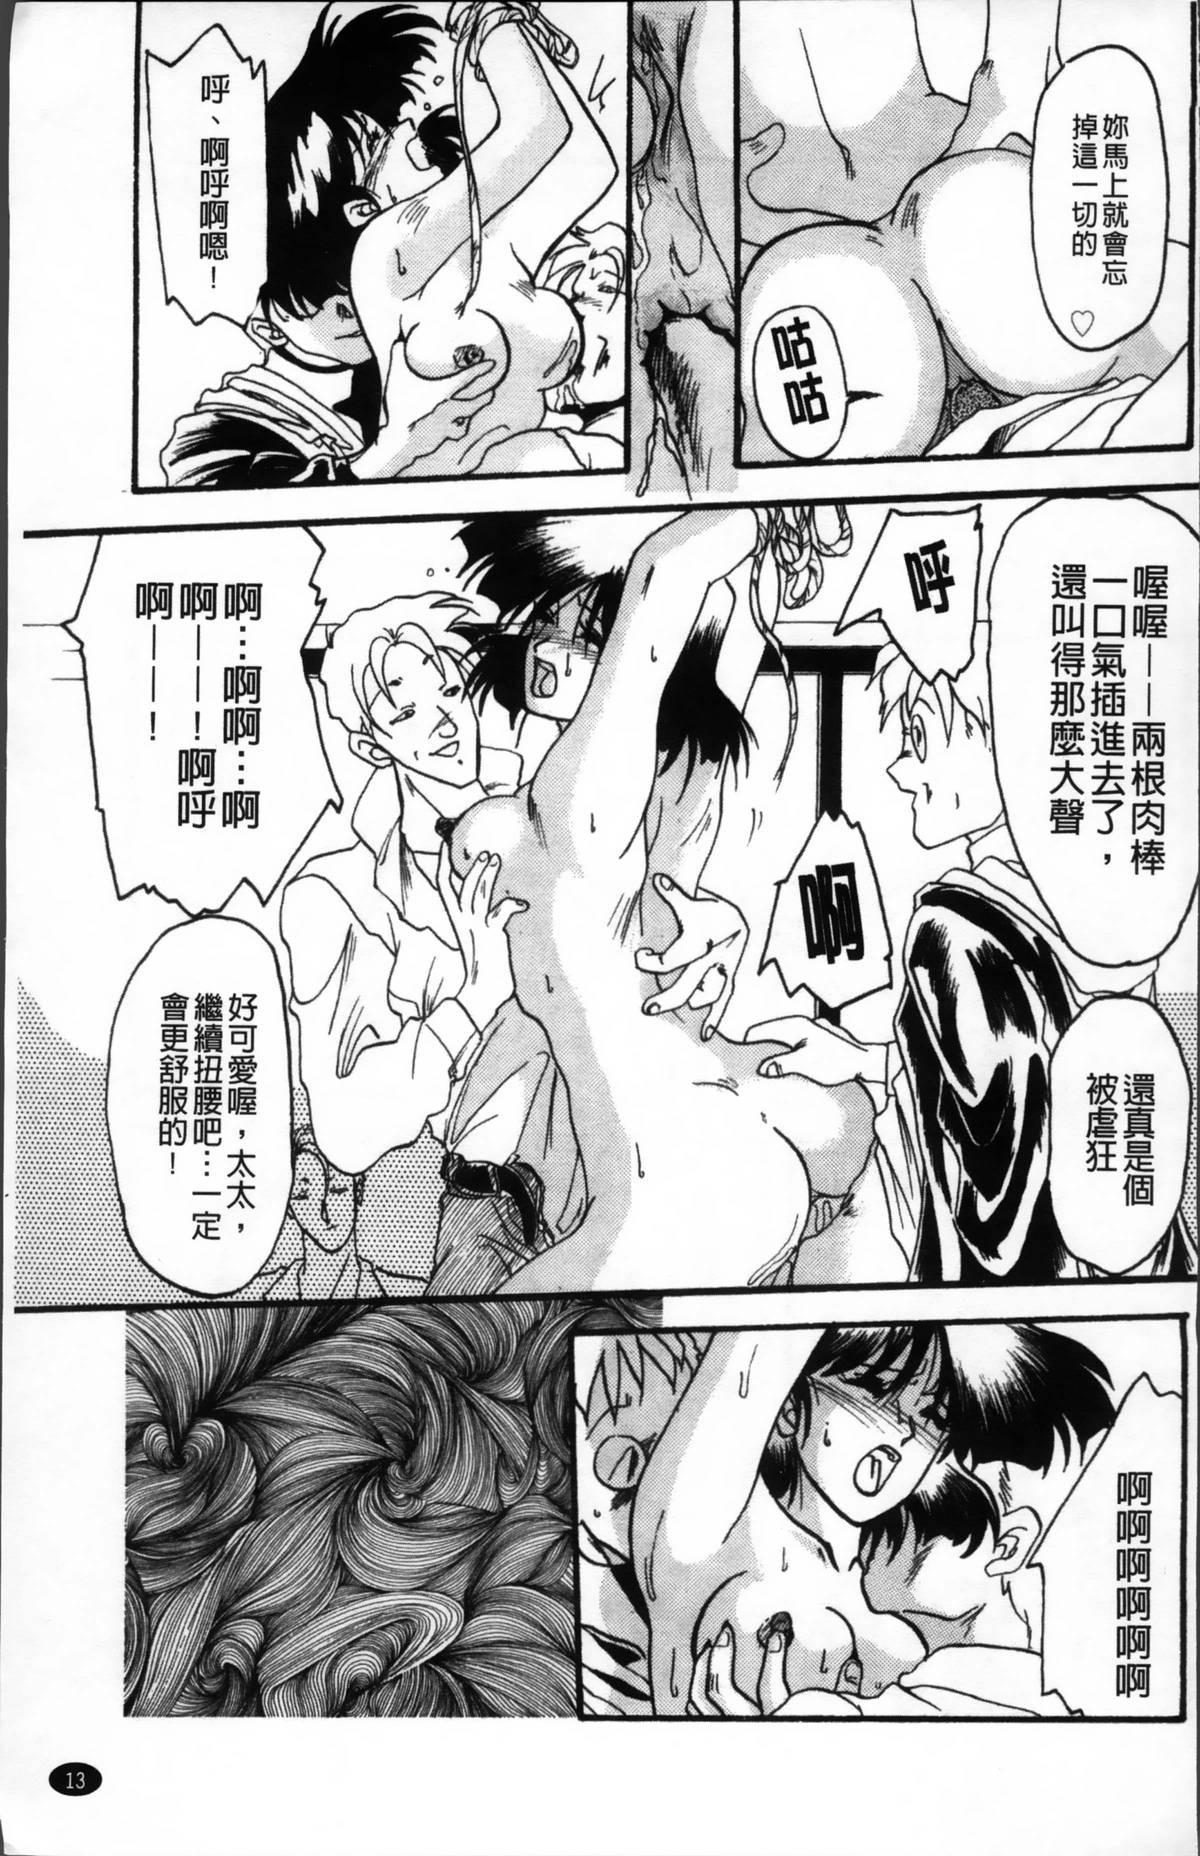 Hiiro no Koku Kanzenban   緋色之刻 完全版 16